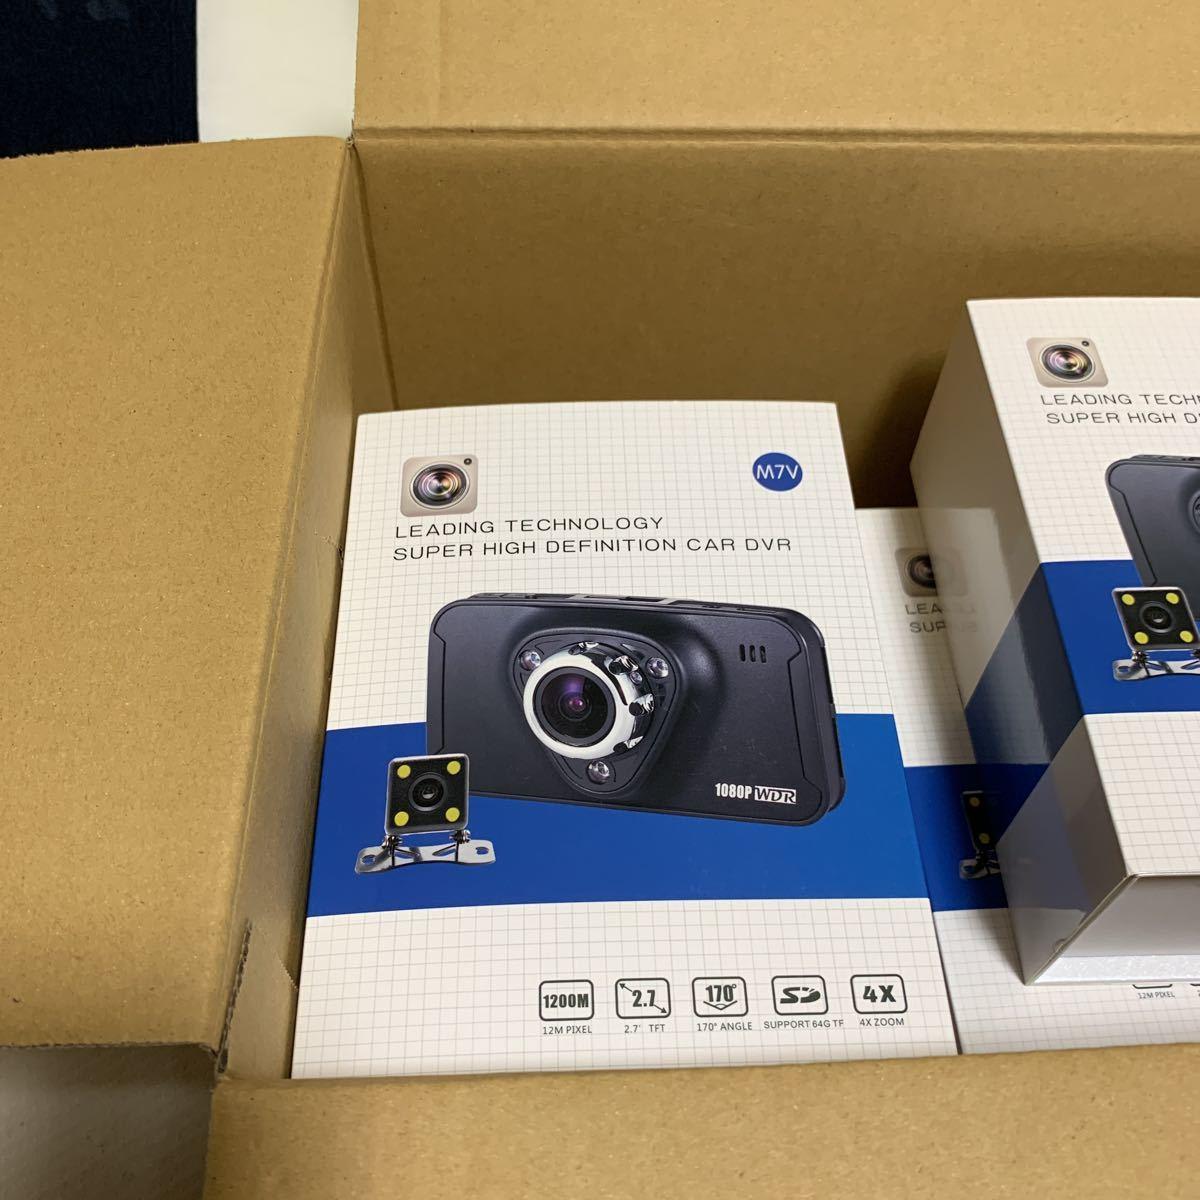 ドライブレコーダー 前後カメラ 1080PフルHD 170度広角レンズ 5.0インチ 暗視カメラ 2.7インチスクリーン LED赤線ライト No.2_画像7